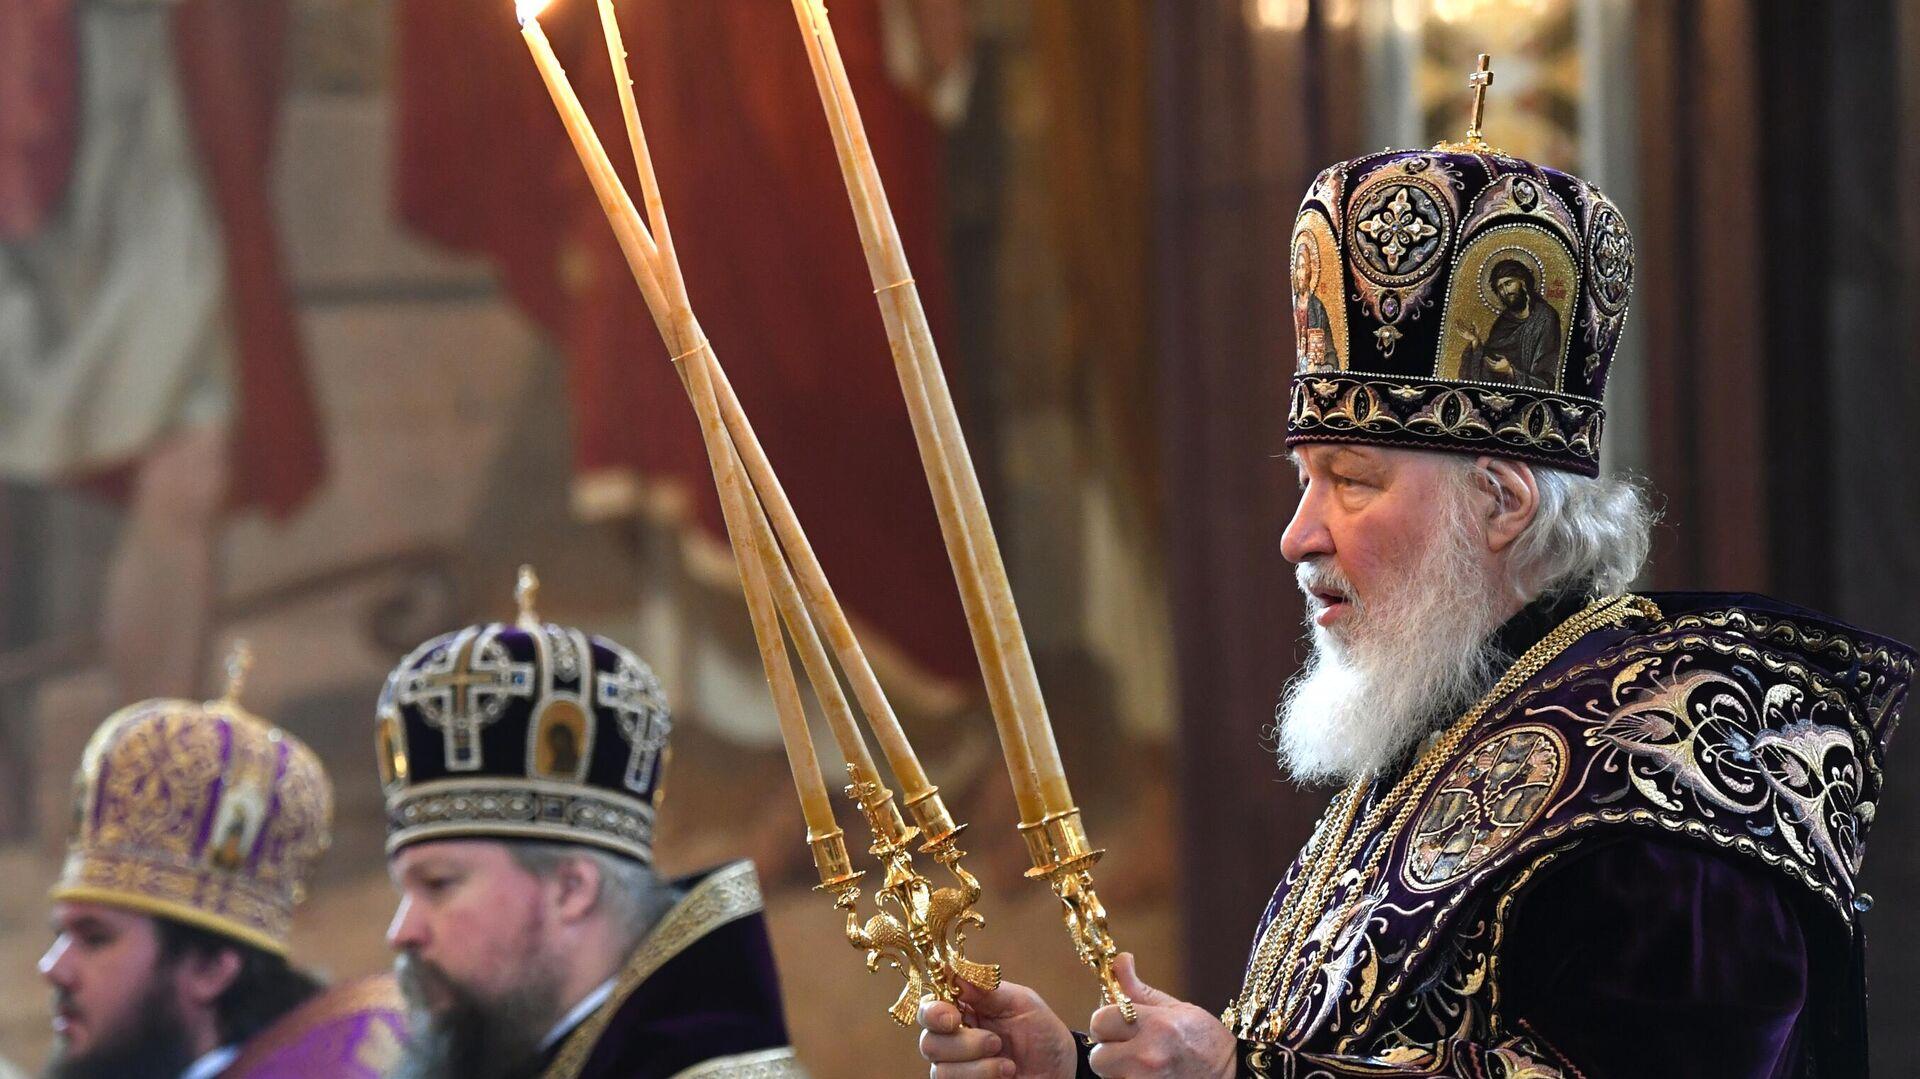 El patriarca Kiril celebra una misa en la Catedral de Cristo Salvador, en Moscú - Sputnik Mundo, 1920, 01.05.2021